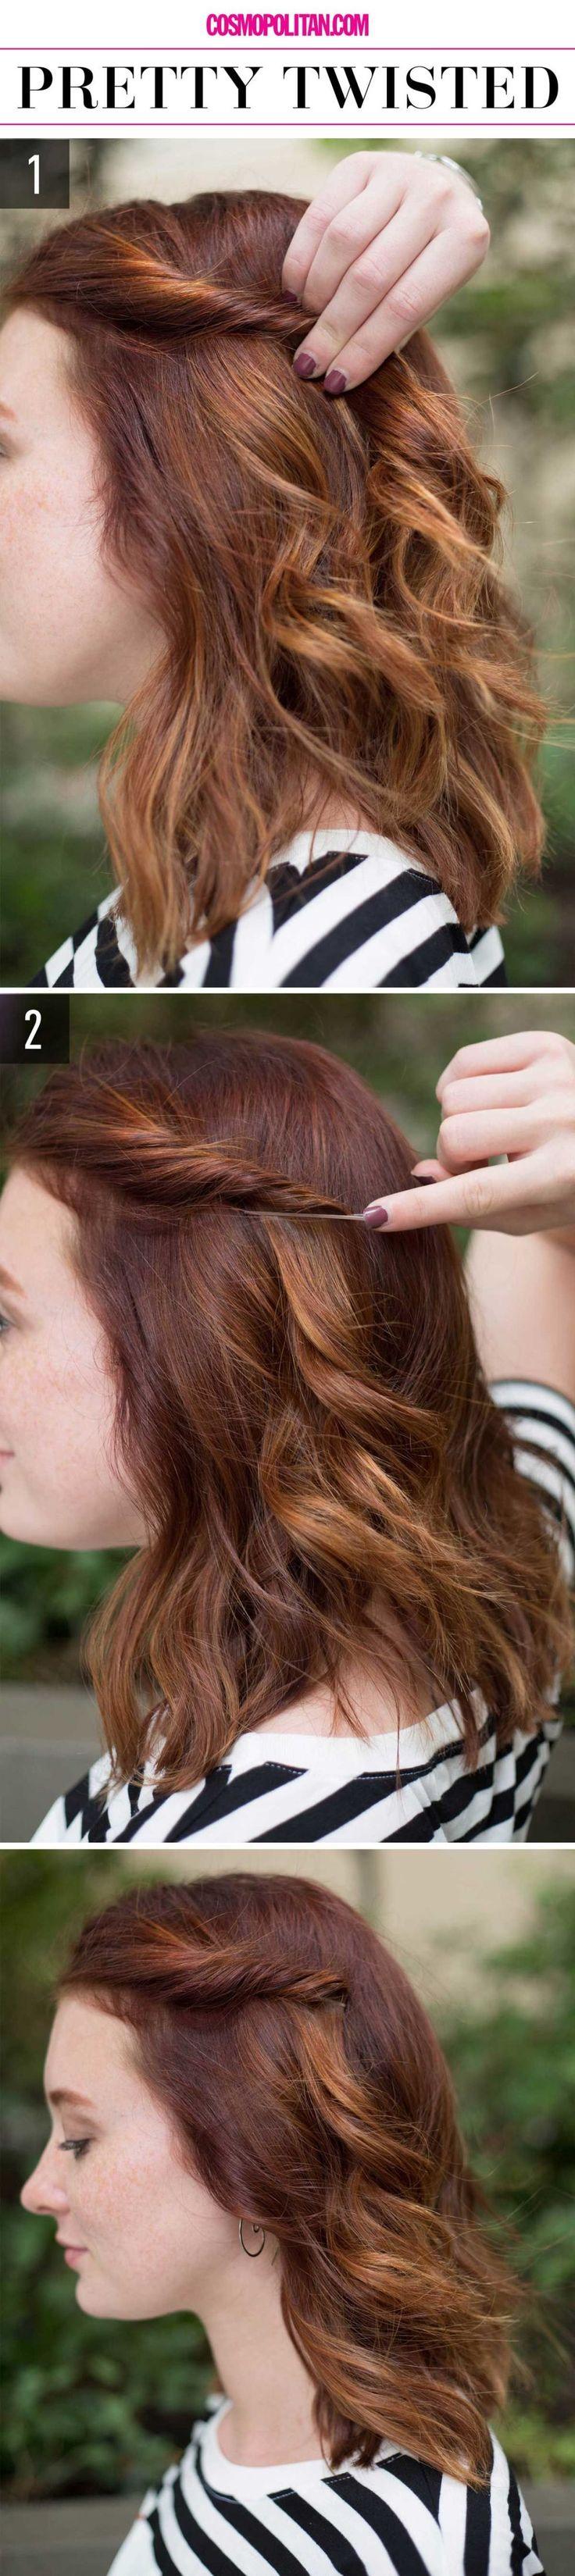 194 best Hair images on Pinterest